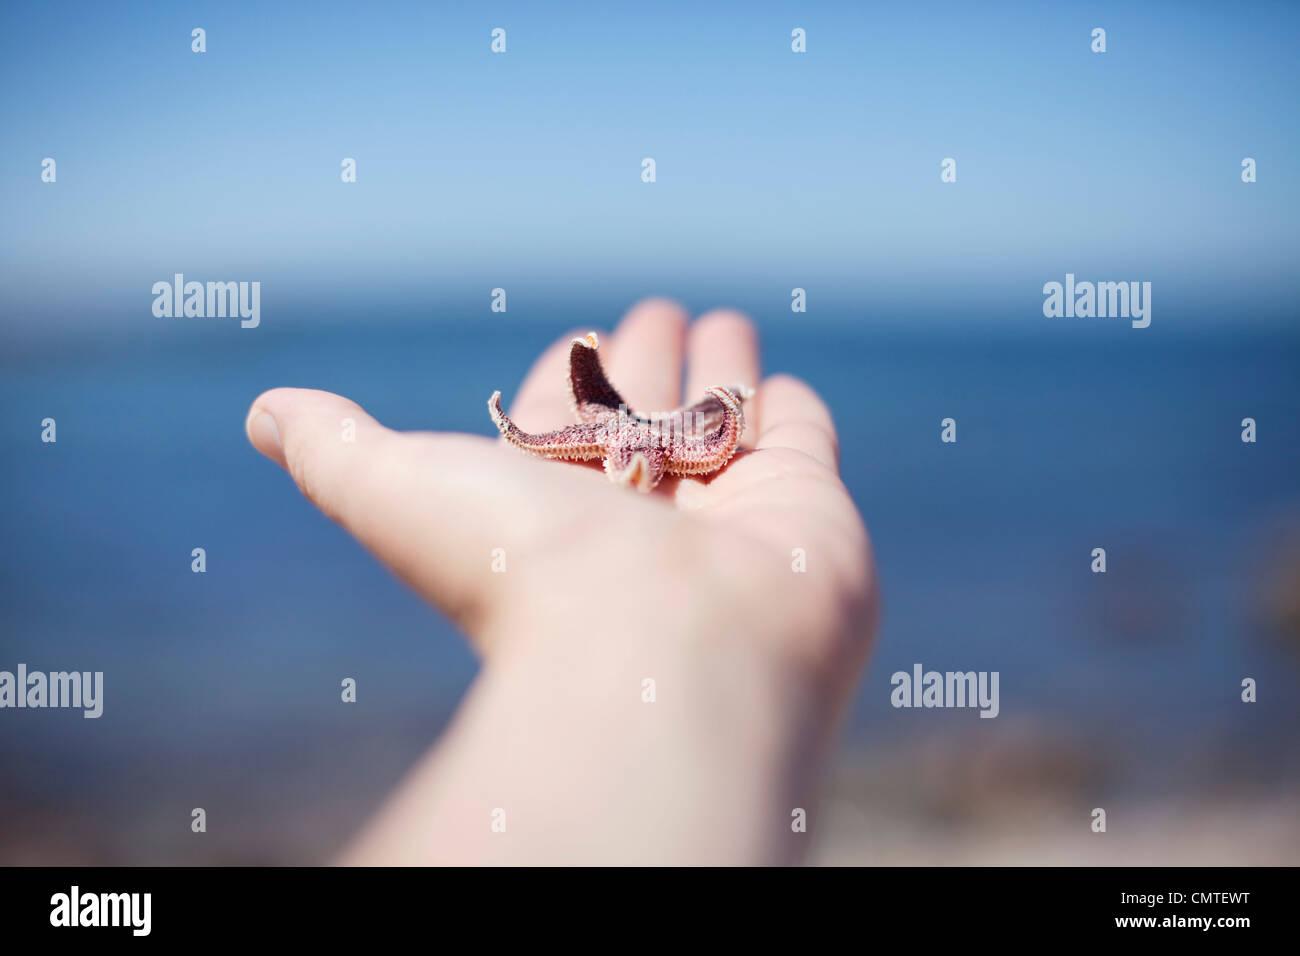 Mano humana sosteniendo un pez de mar Imagen De Stock